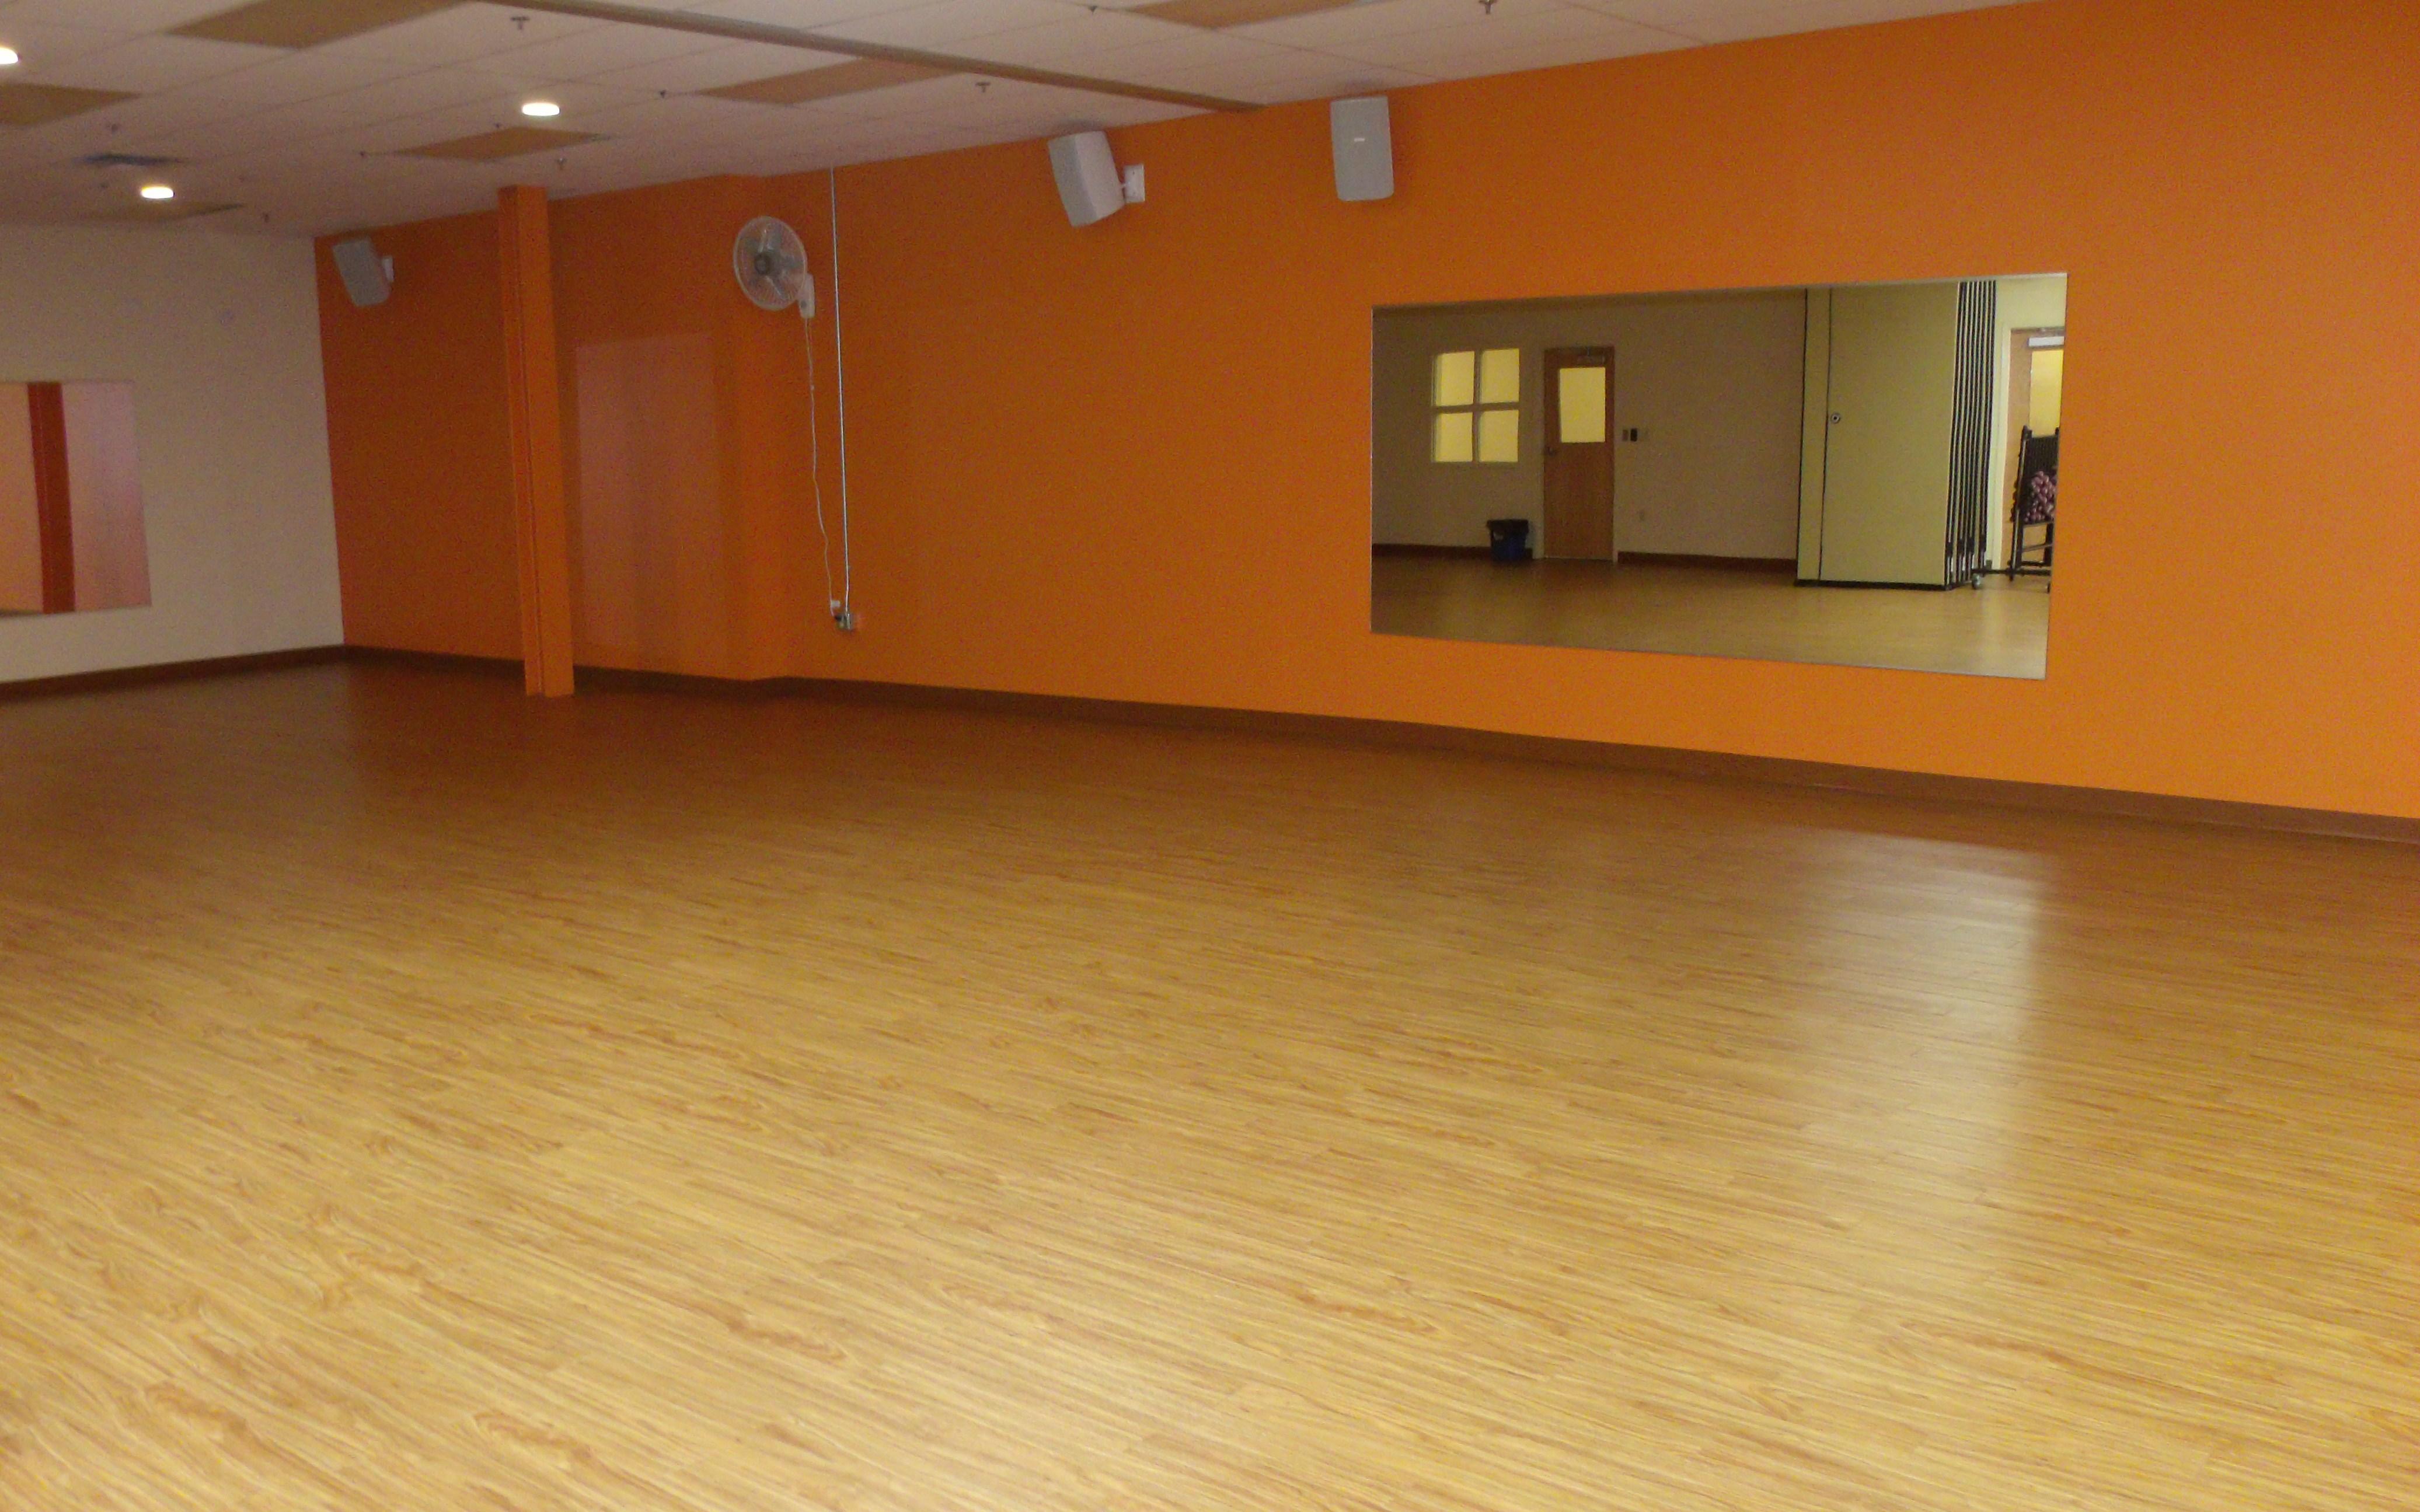 Agawam, MA YMCA interior 2